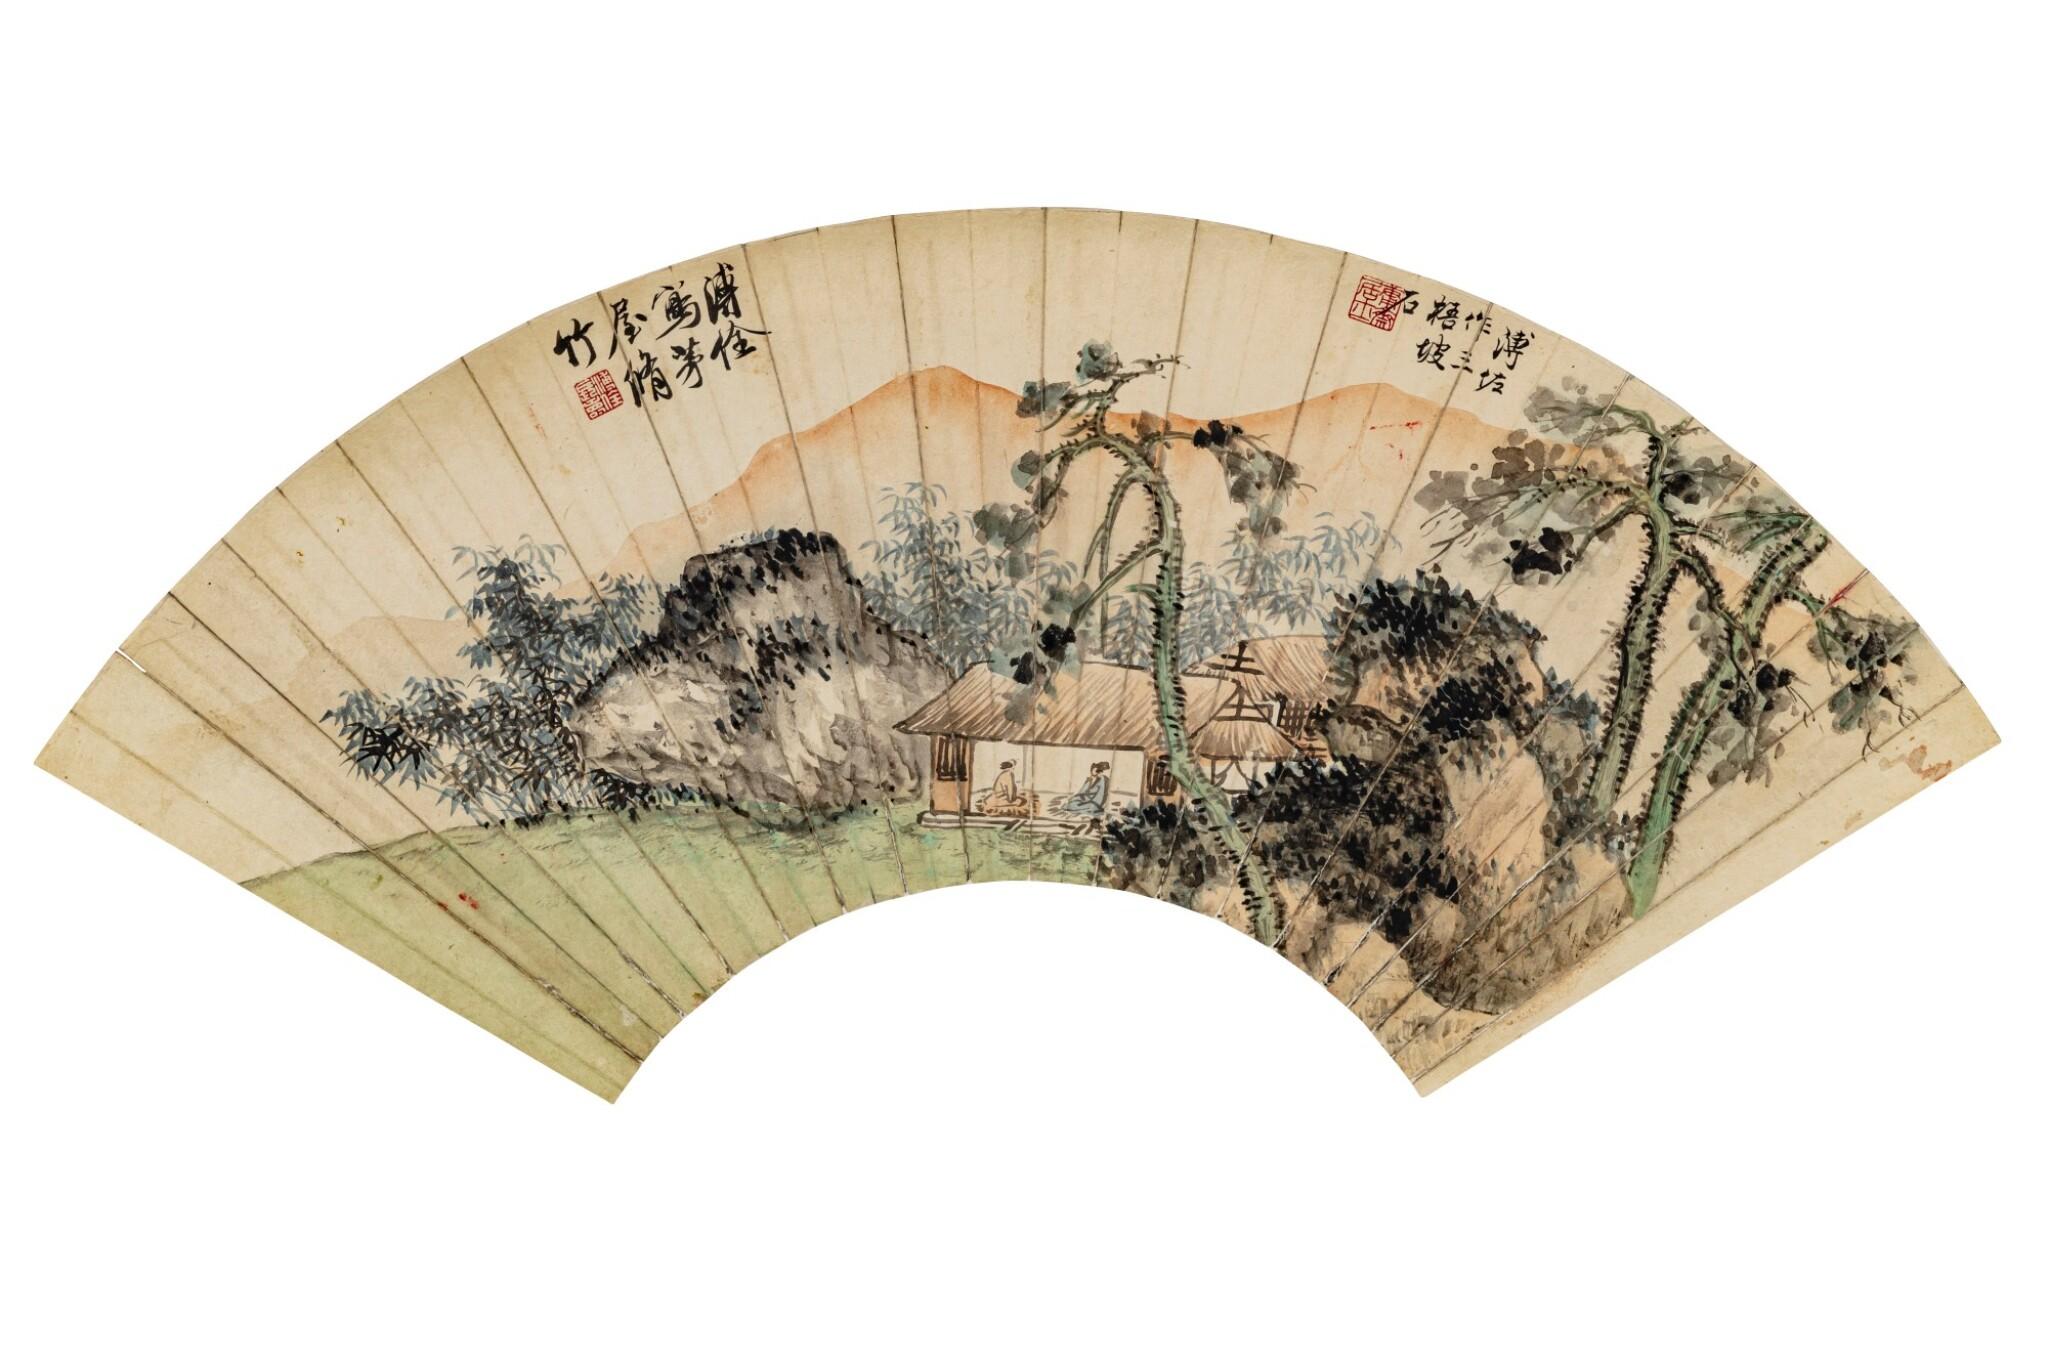 View 1 of Lot 125. Artistes variés Ensemble de trois peintures sur éventails | 扇面 一組三幀 | Various artists  Set of Three Paintings on Fan Leaves.